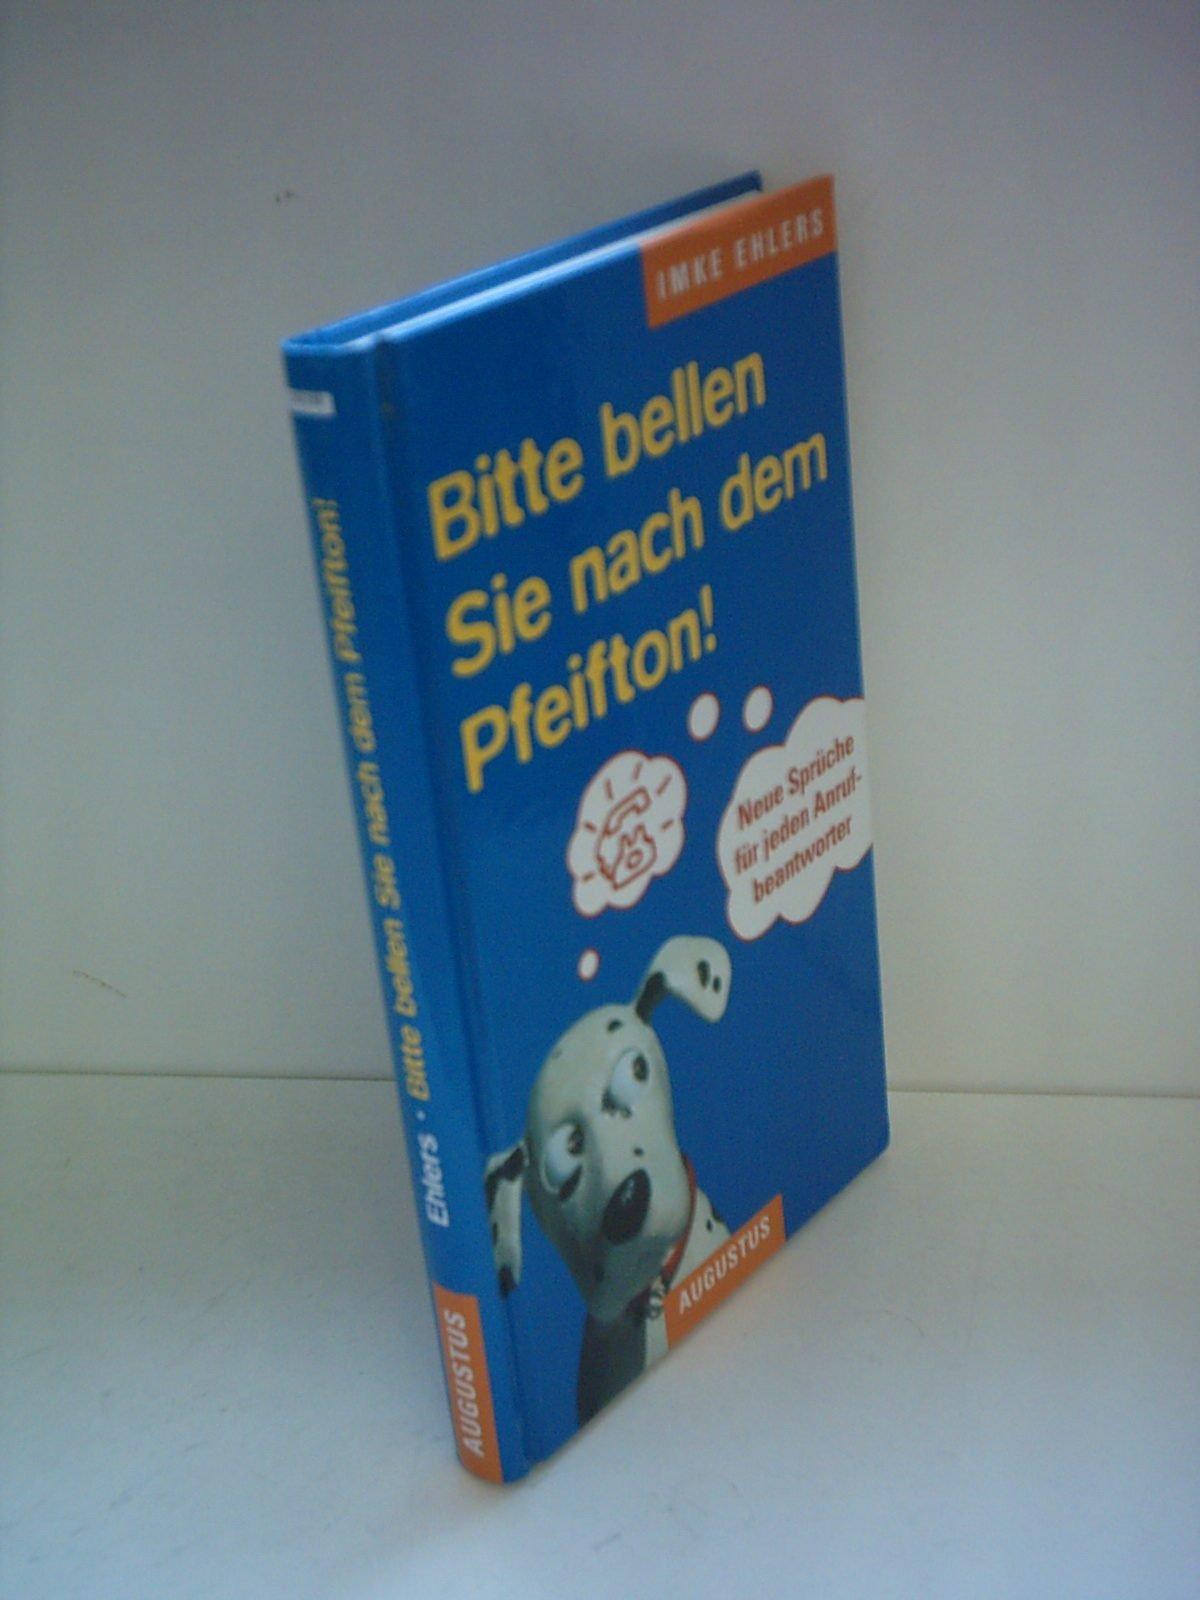 Bitte Bellen Sie Nach Dem Pfeifton! Neue Sprüche Für Jeden Anrufbeantworter.:  IMKE. EHLERS: Amazon.com: Books